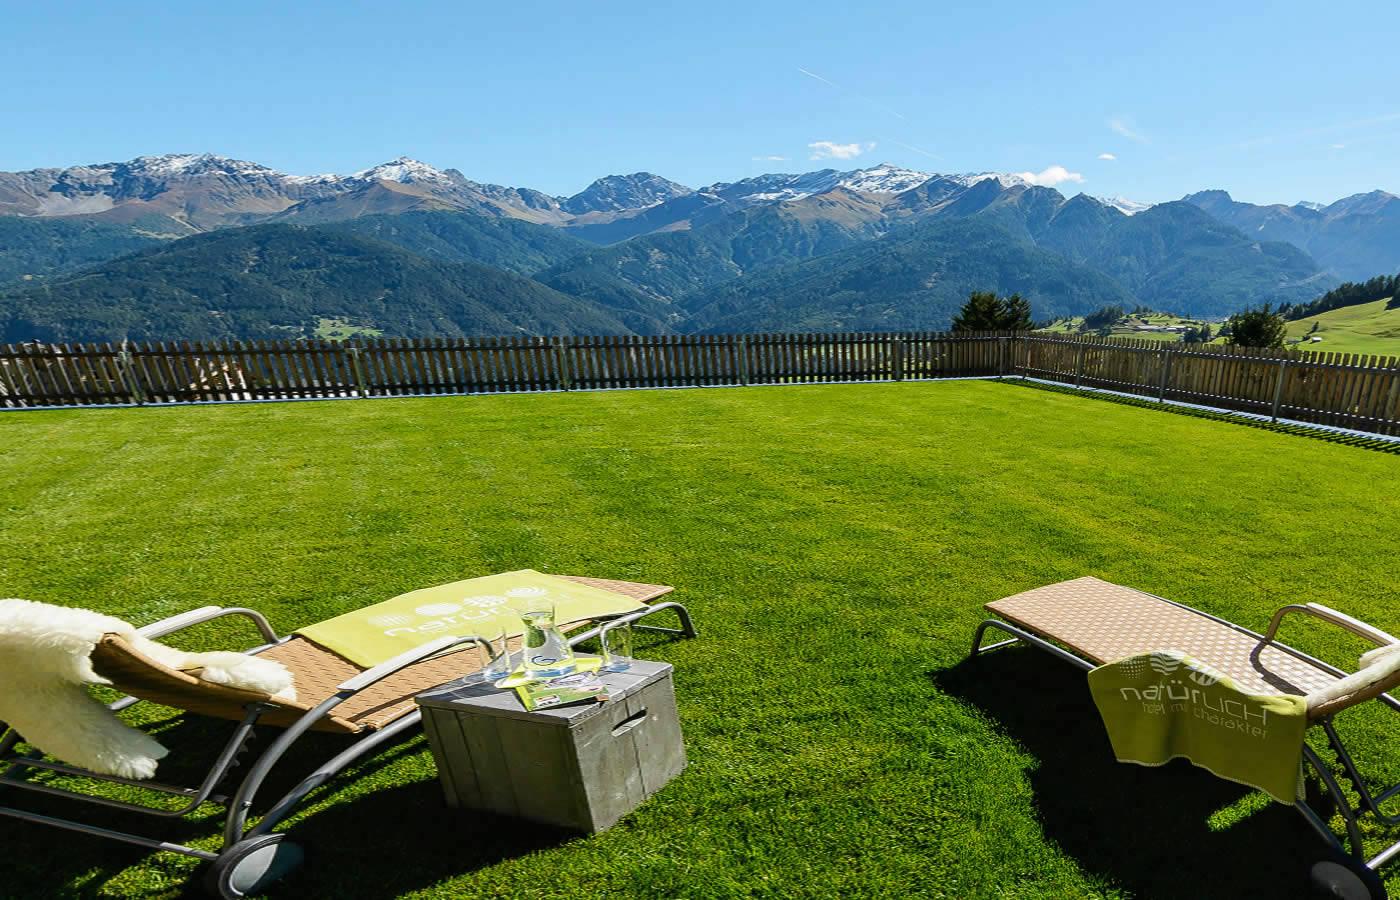 Hotel Sommer Terrasse mit Weitsicht über Serfaus-Fiss-Ladis in Tirol.